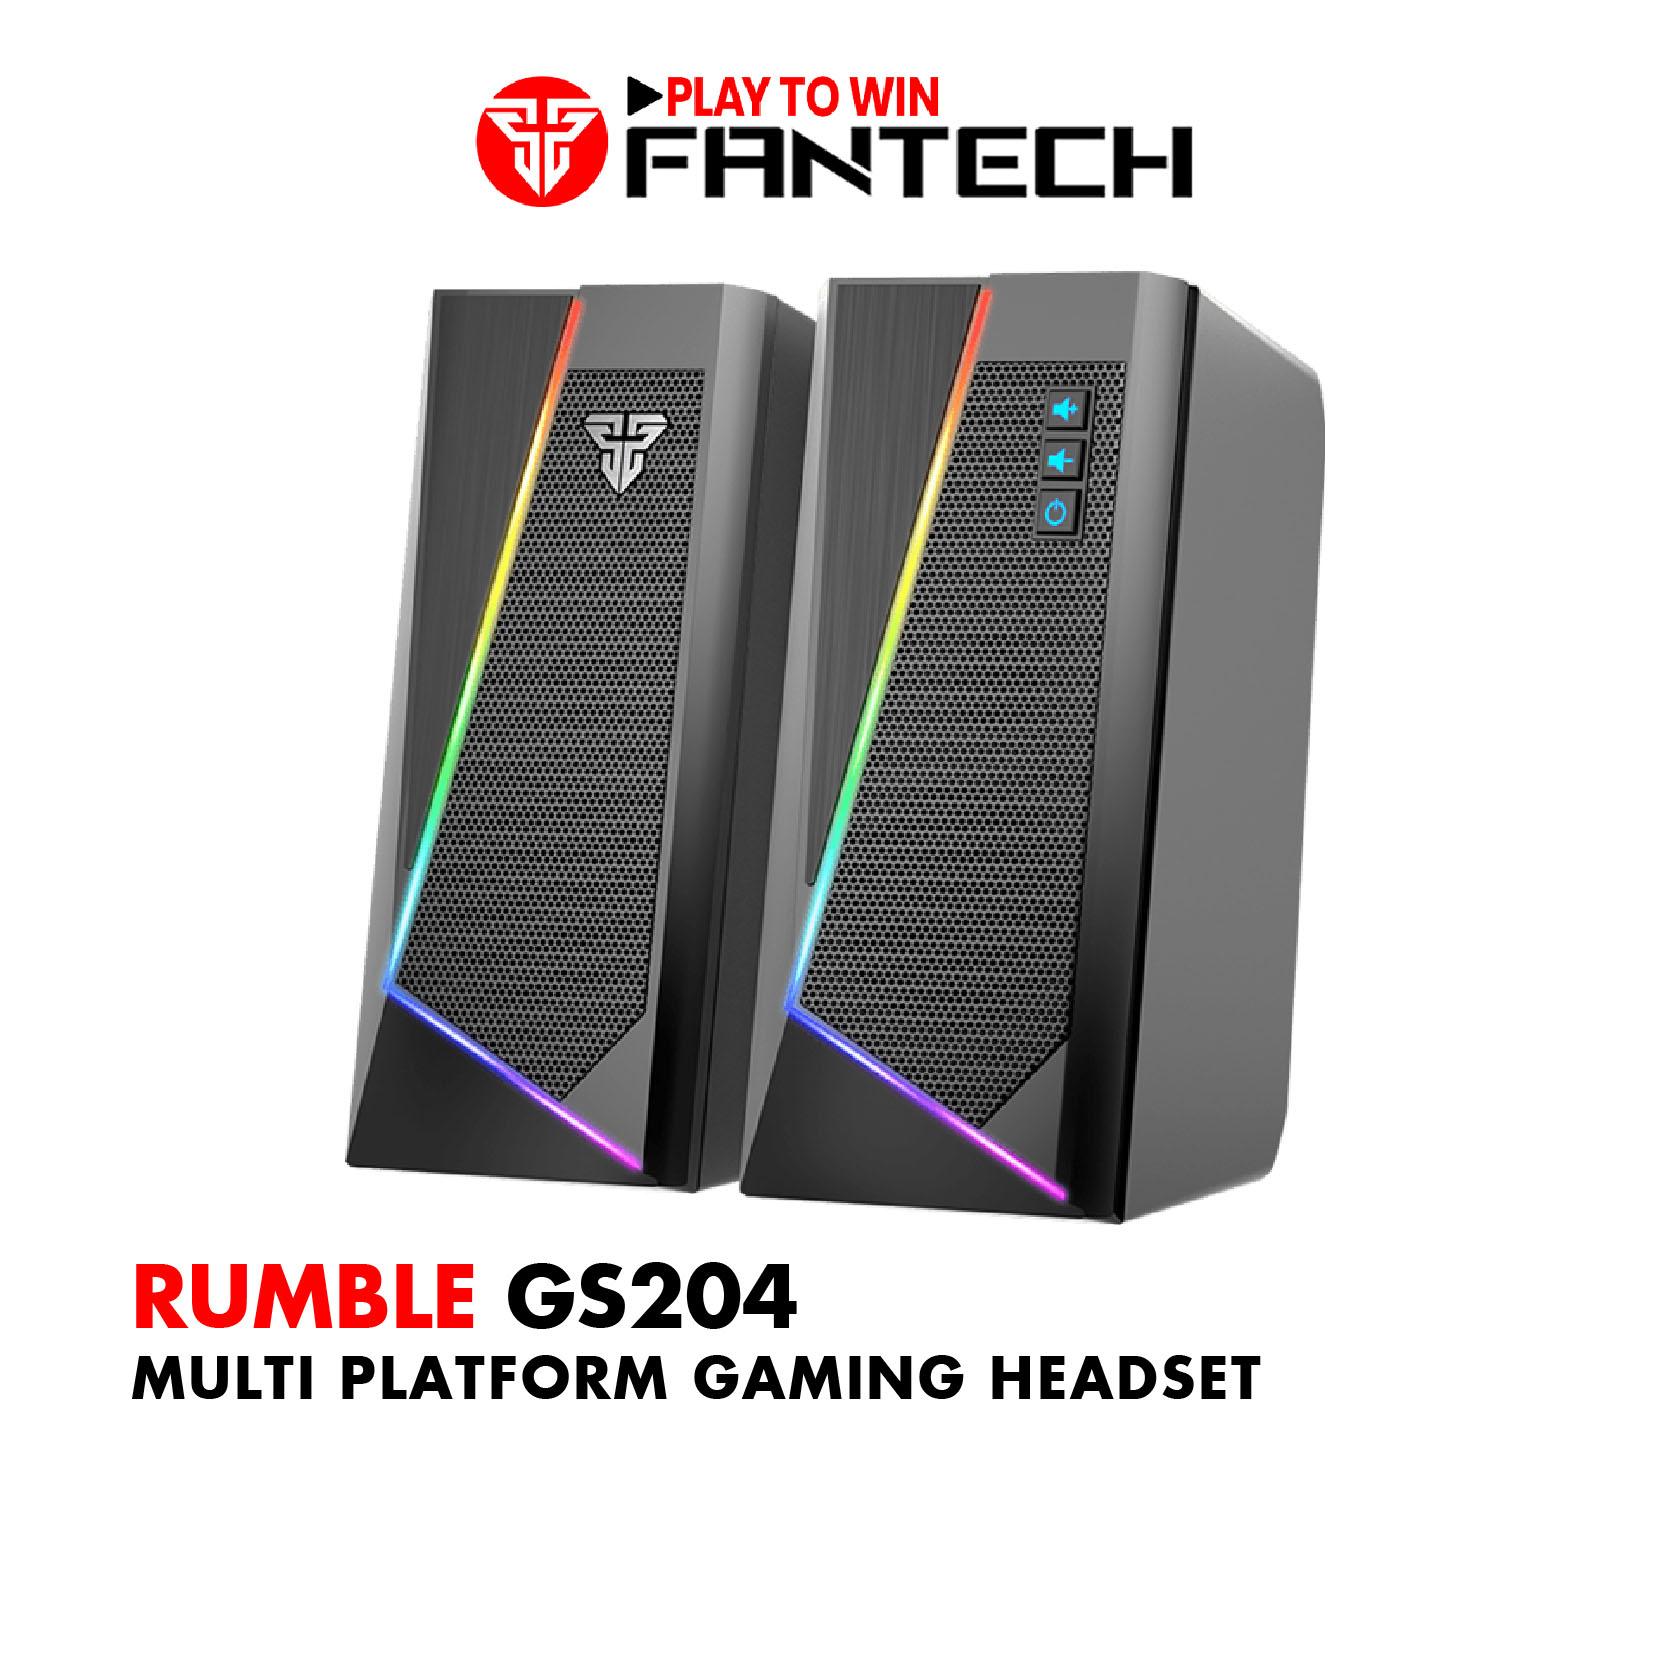 Loa Vi TÍnh Gaming Fantech GS204 RUMBLE LED RGB 7 Chế Độ Hỗ Trợ Kết Nối Bluetooth 5.0 Và AUX...